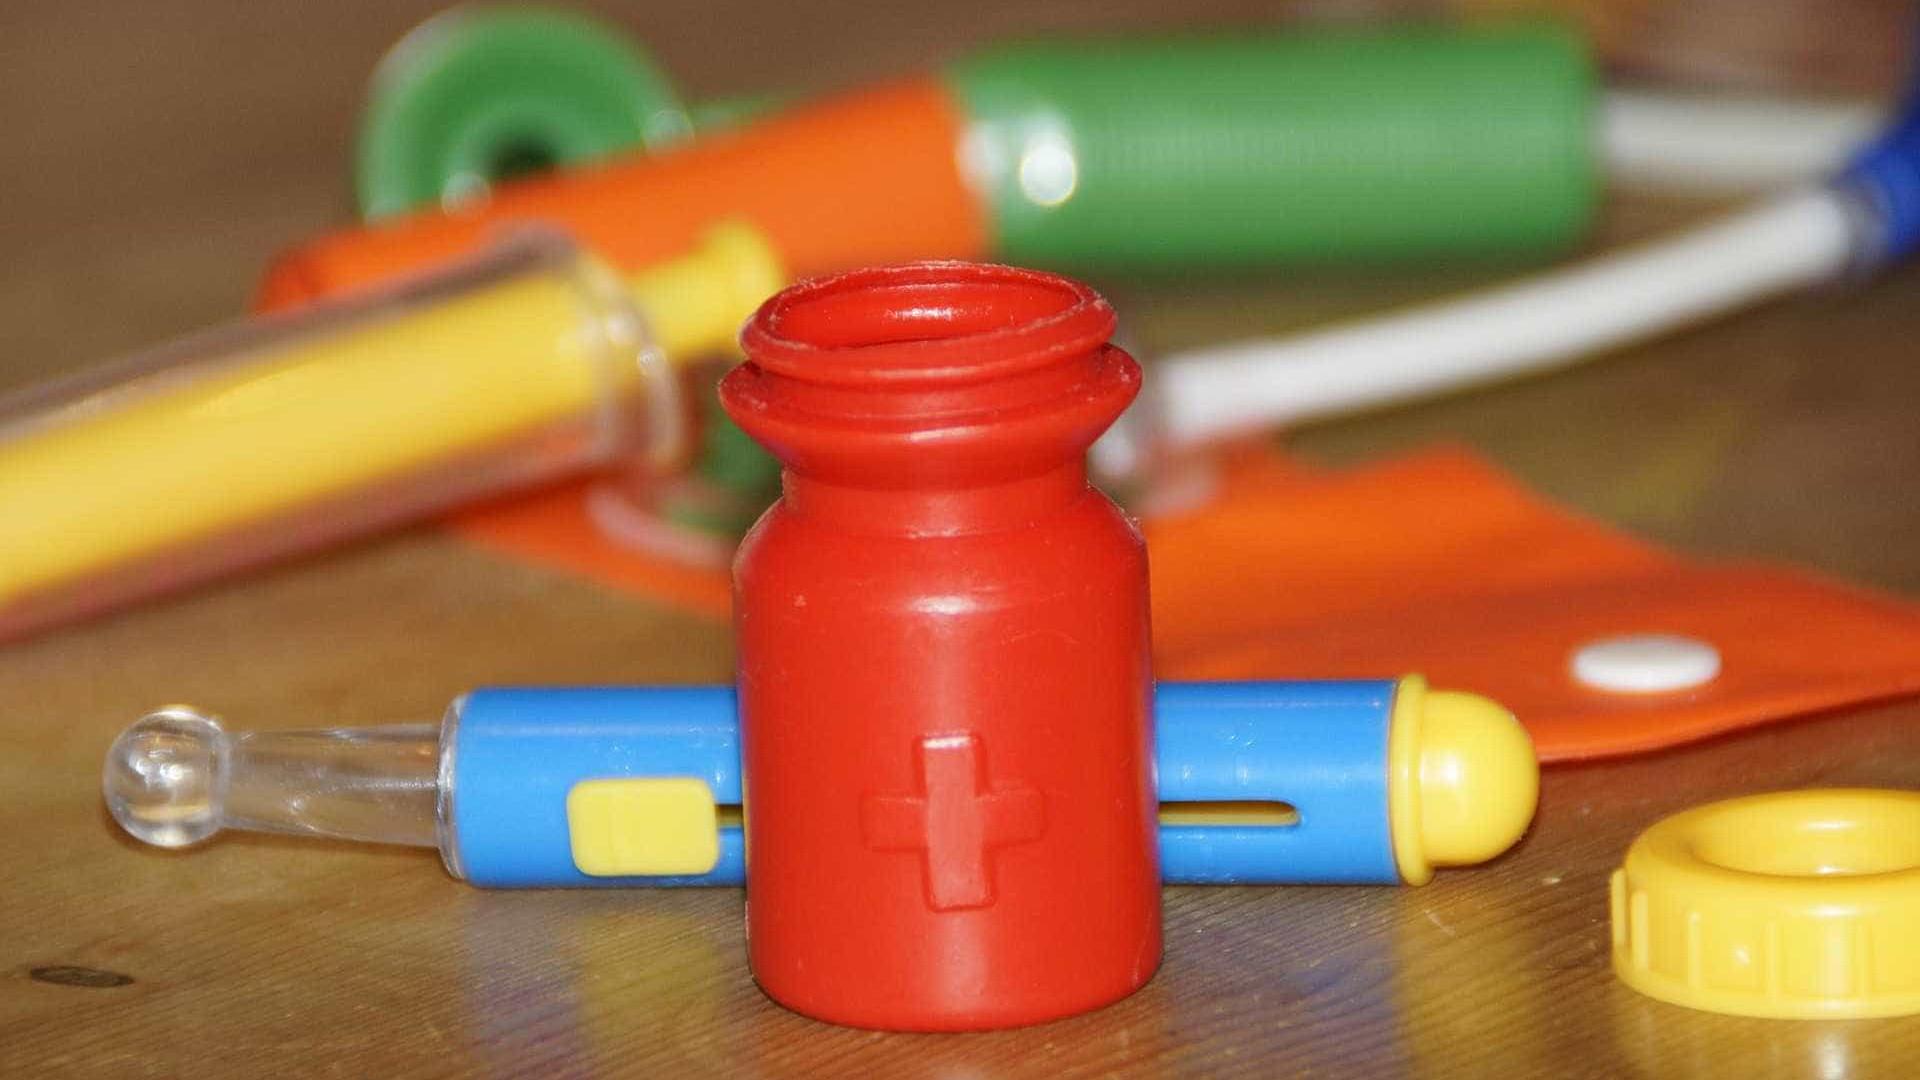 Pediatra alerta: anti-inflamatórios não são remédios inofensivos